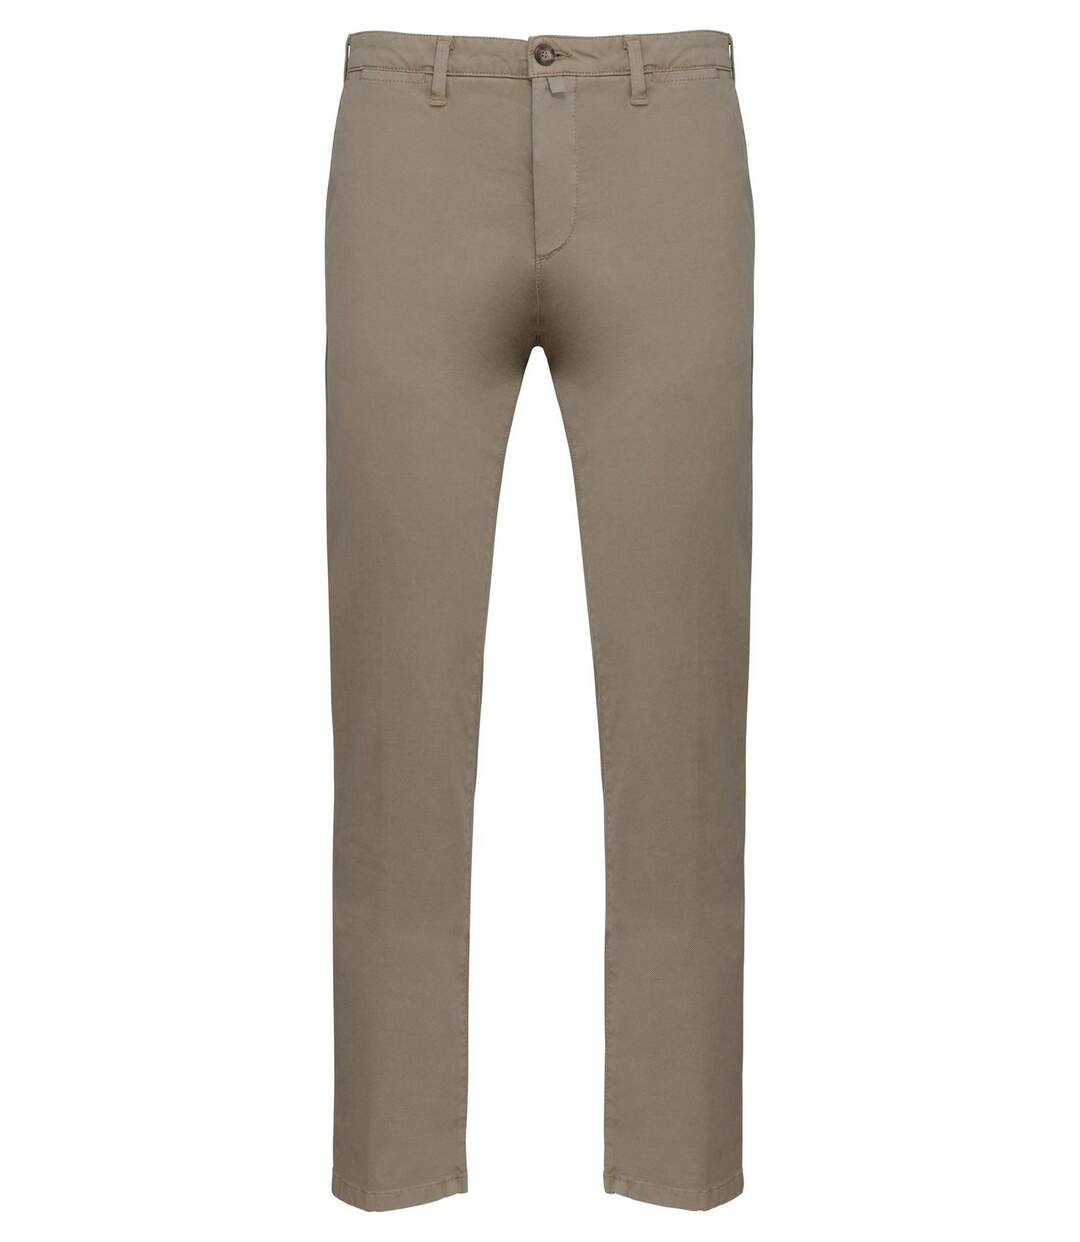 Pantalon chino pour homme - Haut de gamme - K7002 - beige